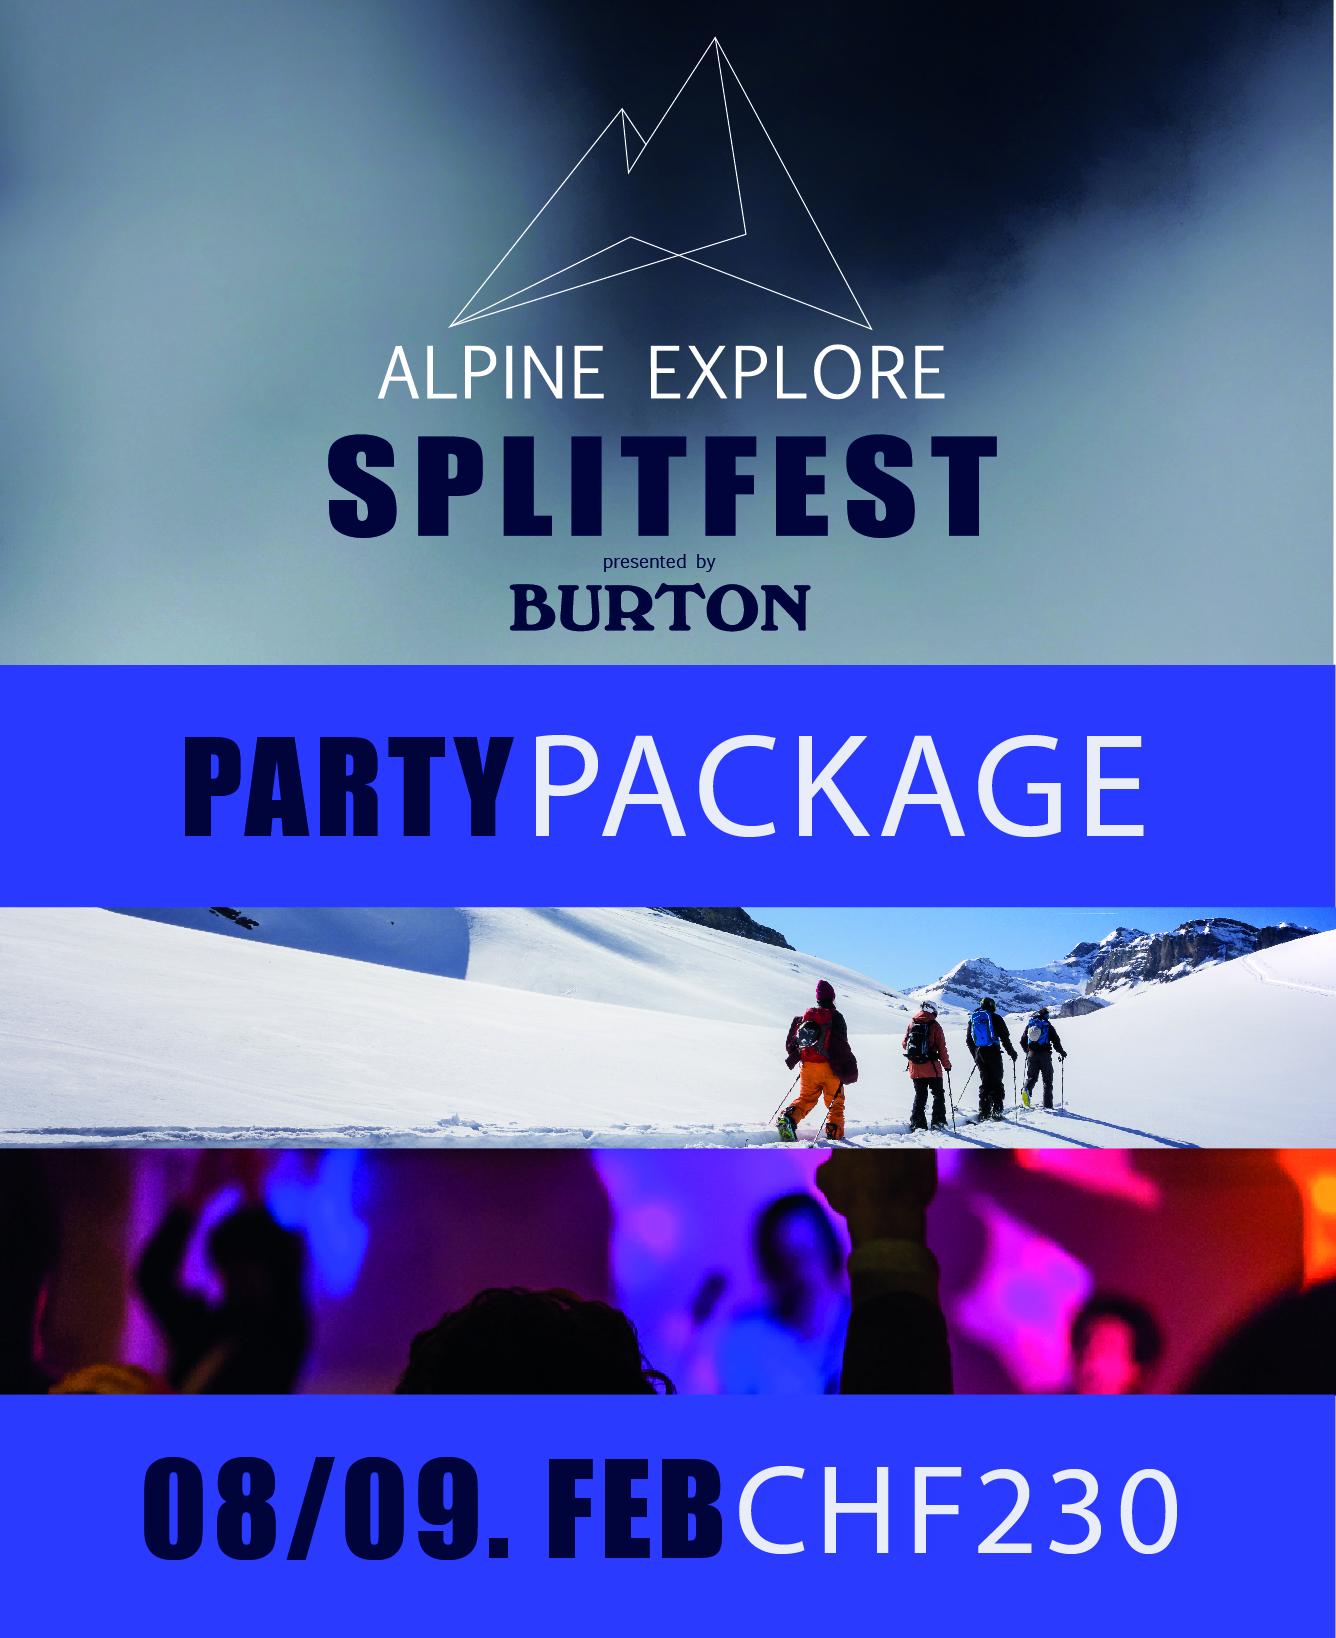 Party Package - Alpine Explore Splitfest 2020 002